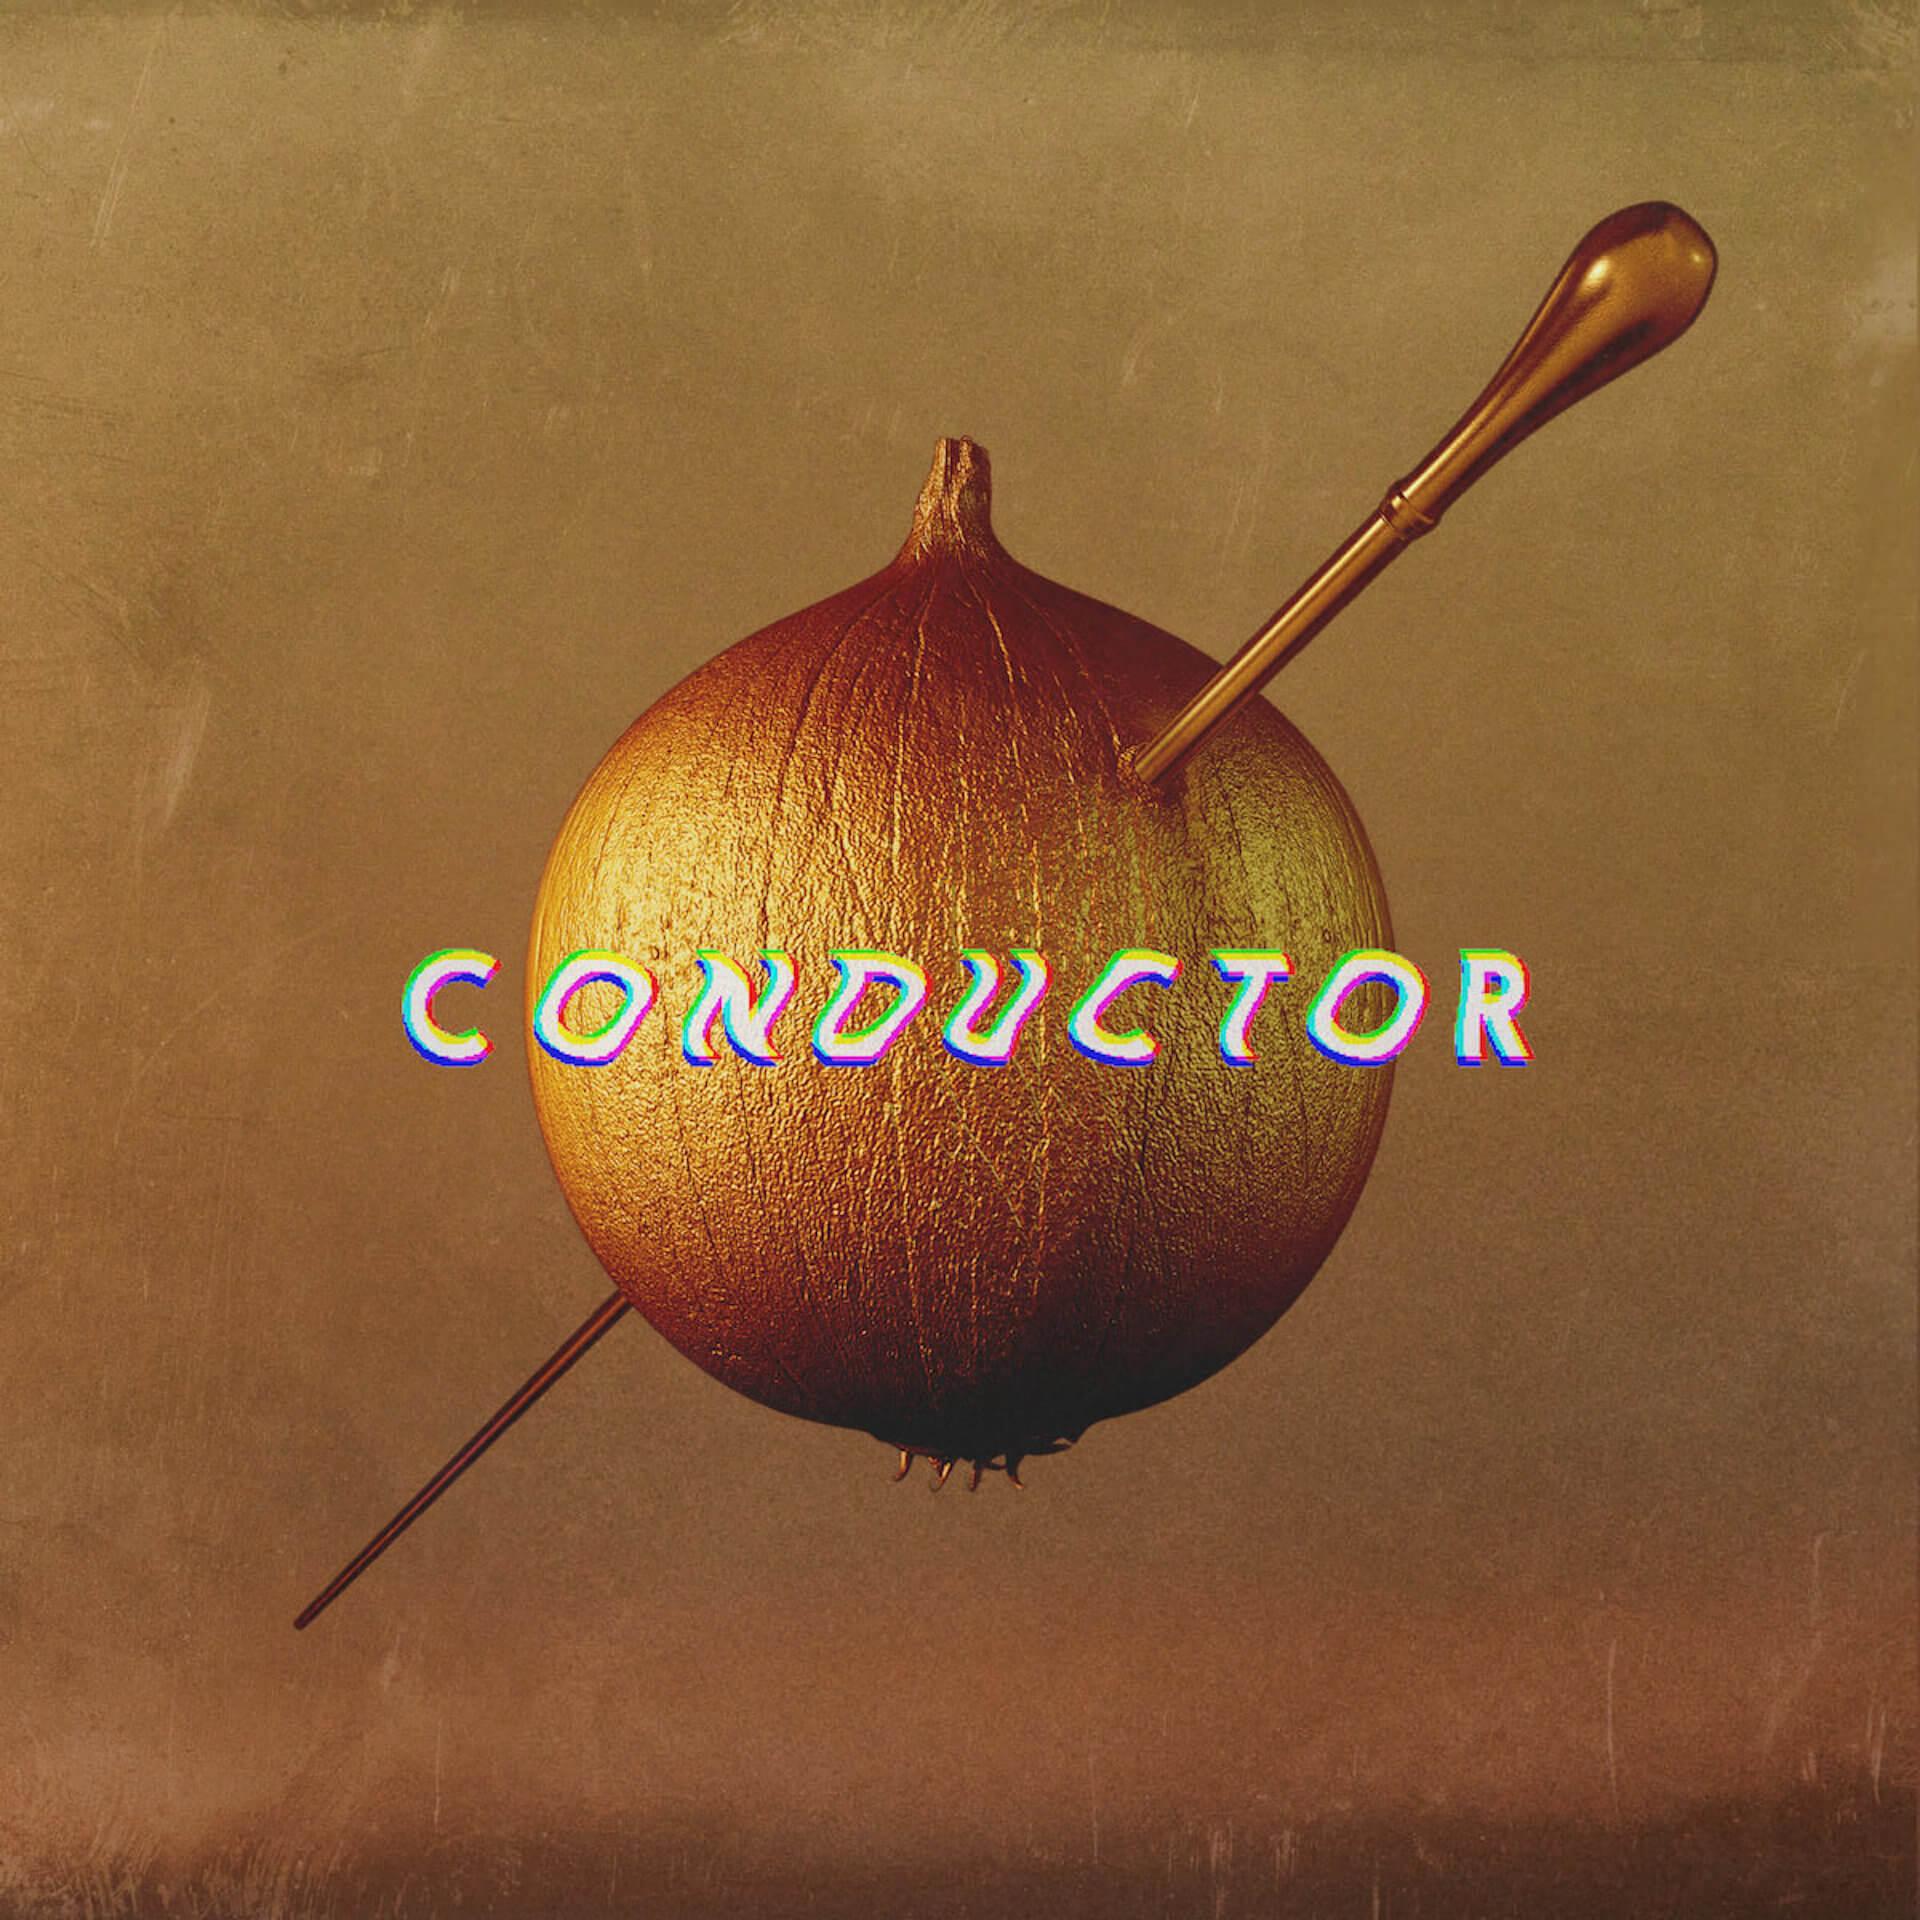 chop the onion × BASI(韻シスト) 対談|変化する「ヒップホップ」その自由さと魅力 music181218-choptheonion-2